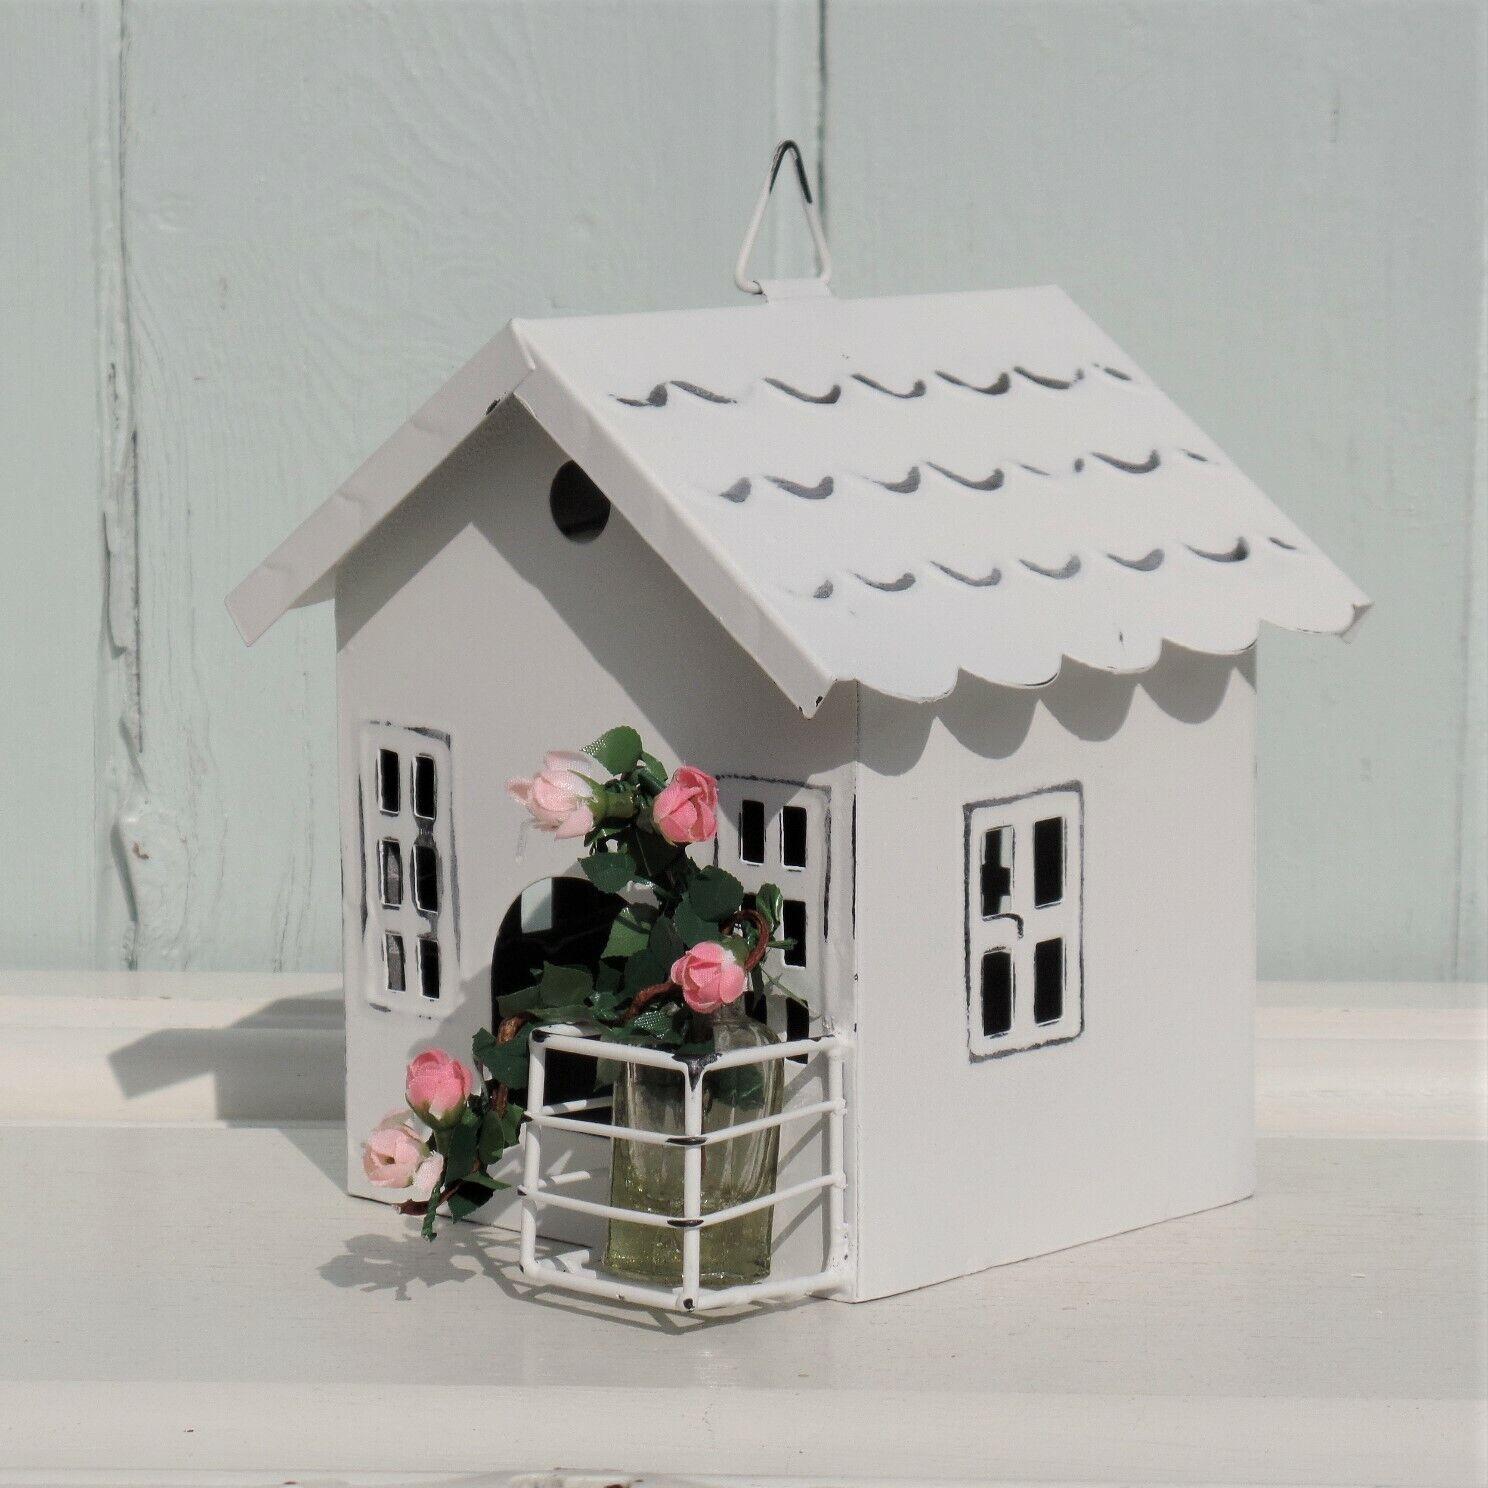 Windlicht Laterne Teelichtglas Weiß Garten Sahbby Vintage Landhaus Deko 2 Größen